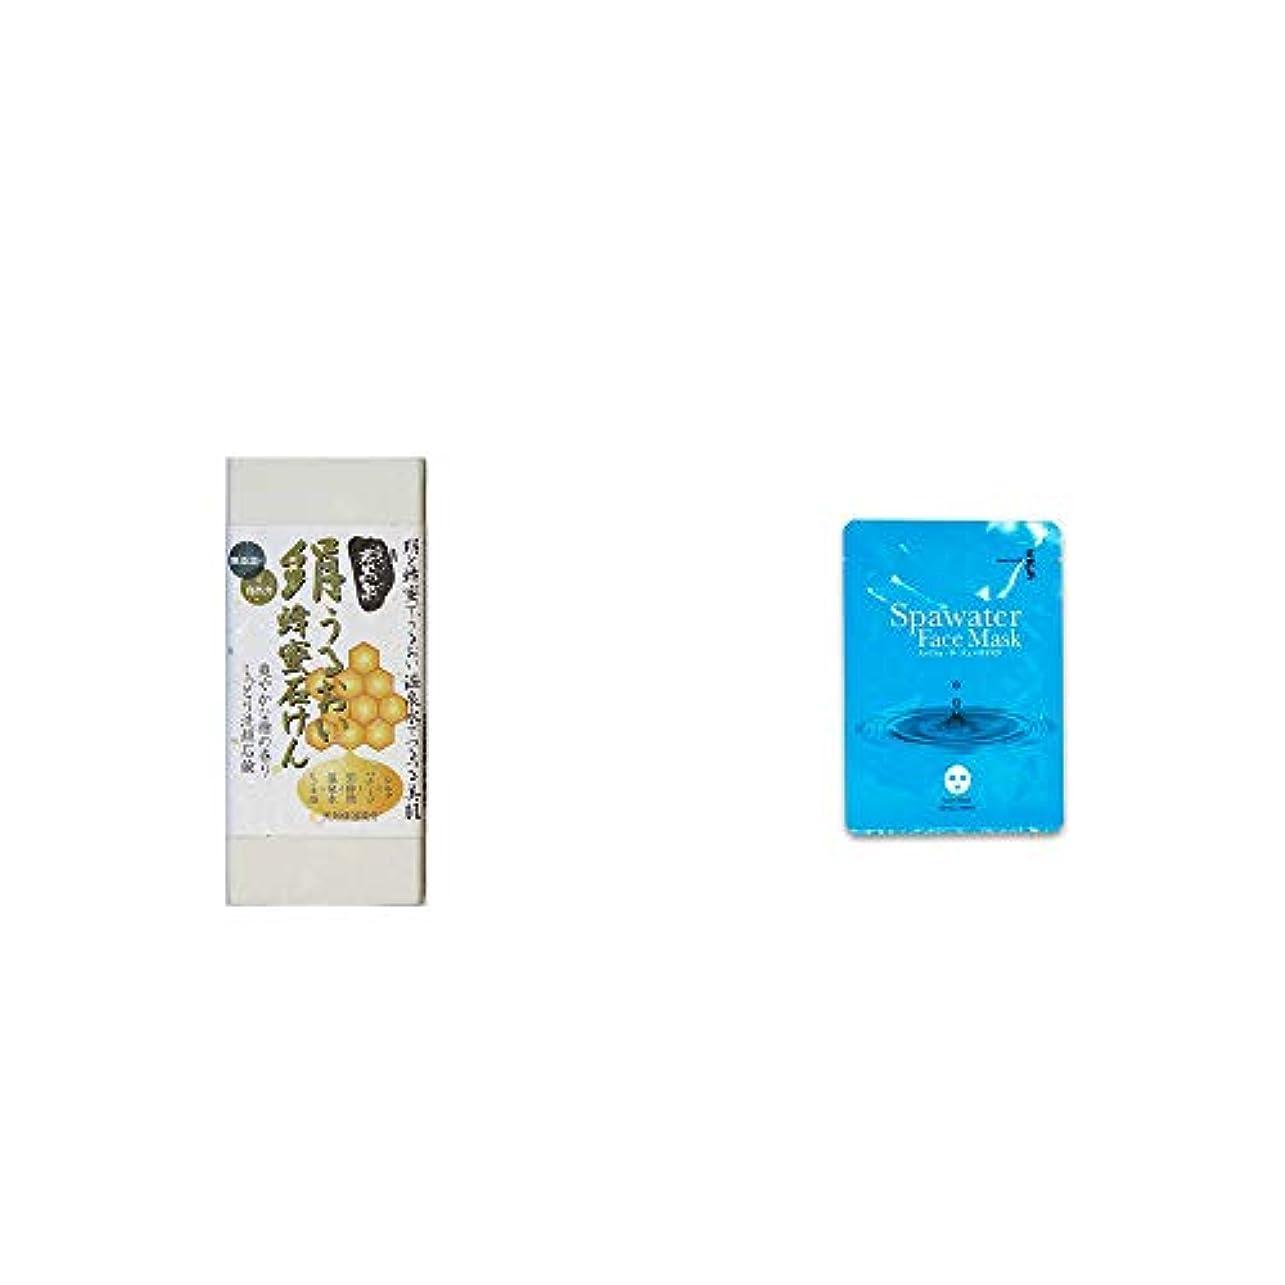 ピアース灰動脈[2点セット] ひのき炭黒泉 絹うるおい蜂蜜石けん(75g×2)?ひのき炭黒泉 スパウォーターフェイスマスク(18ml×3枚入)